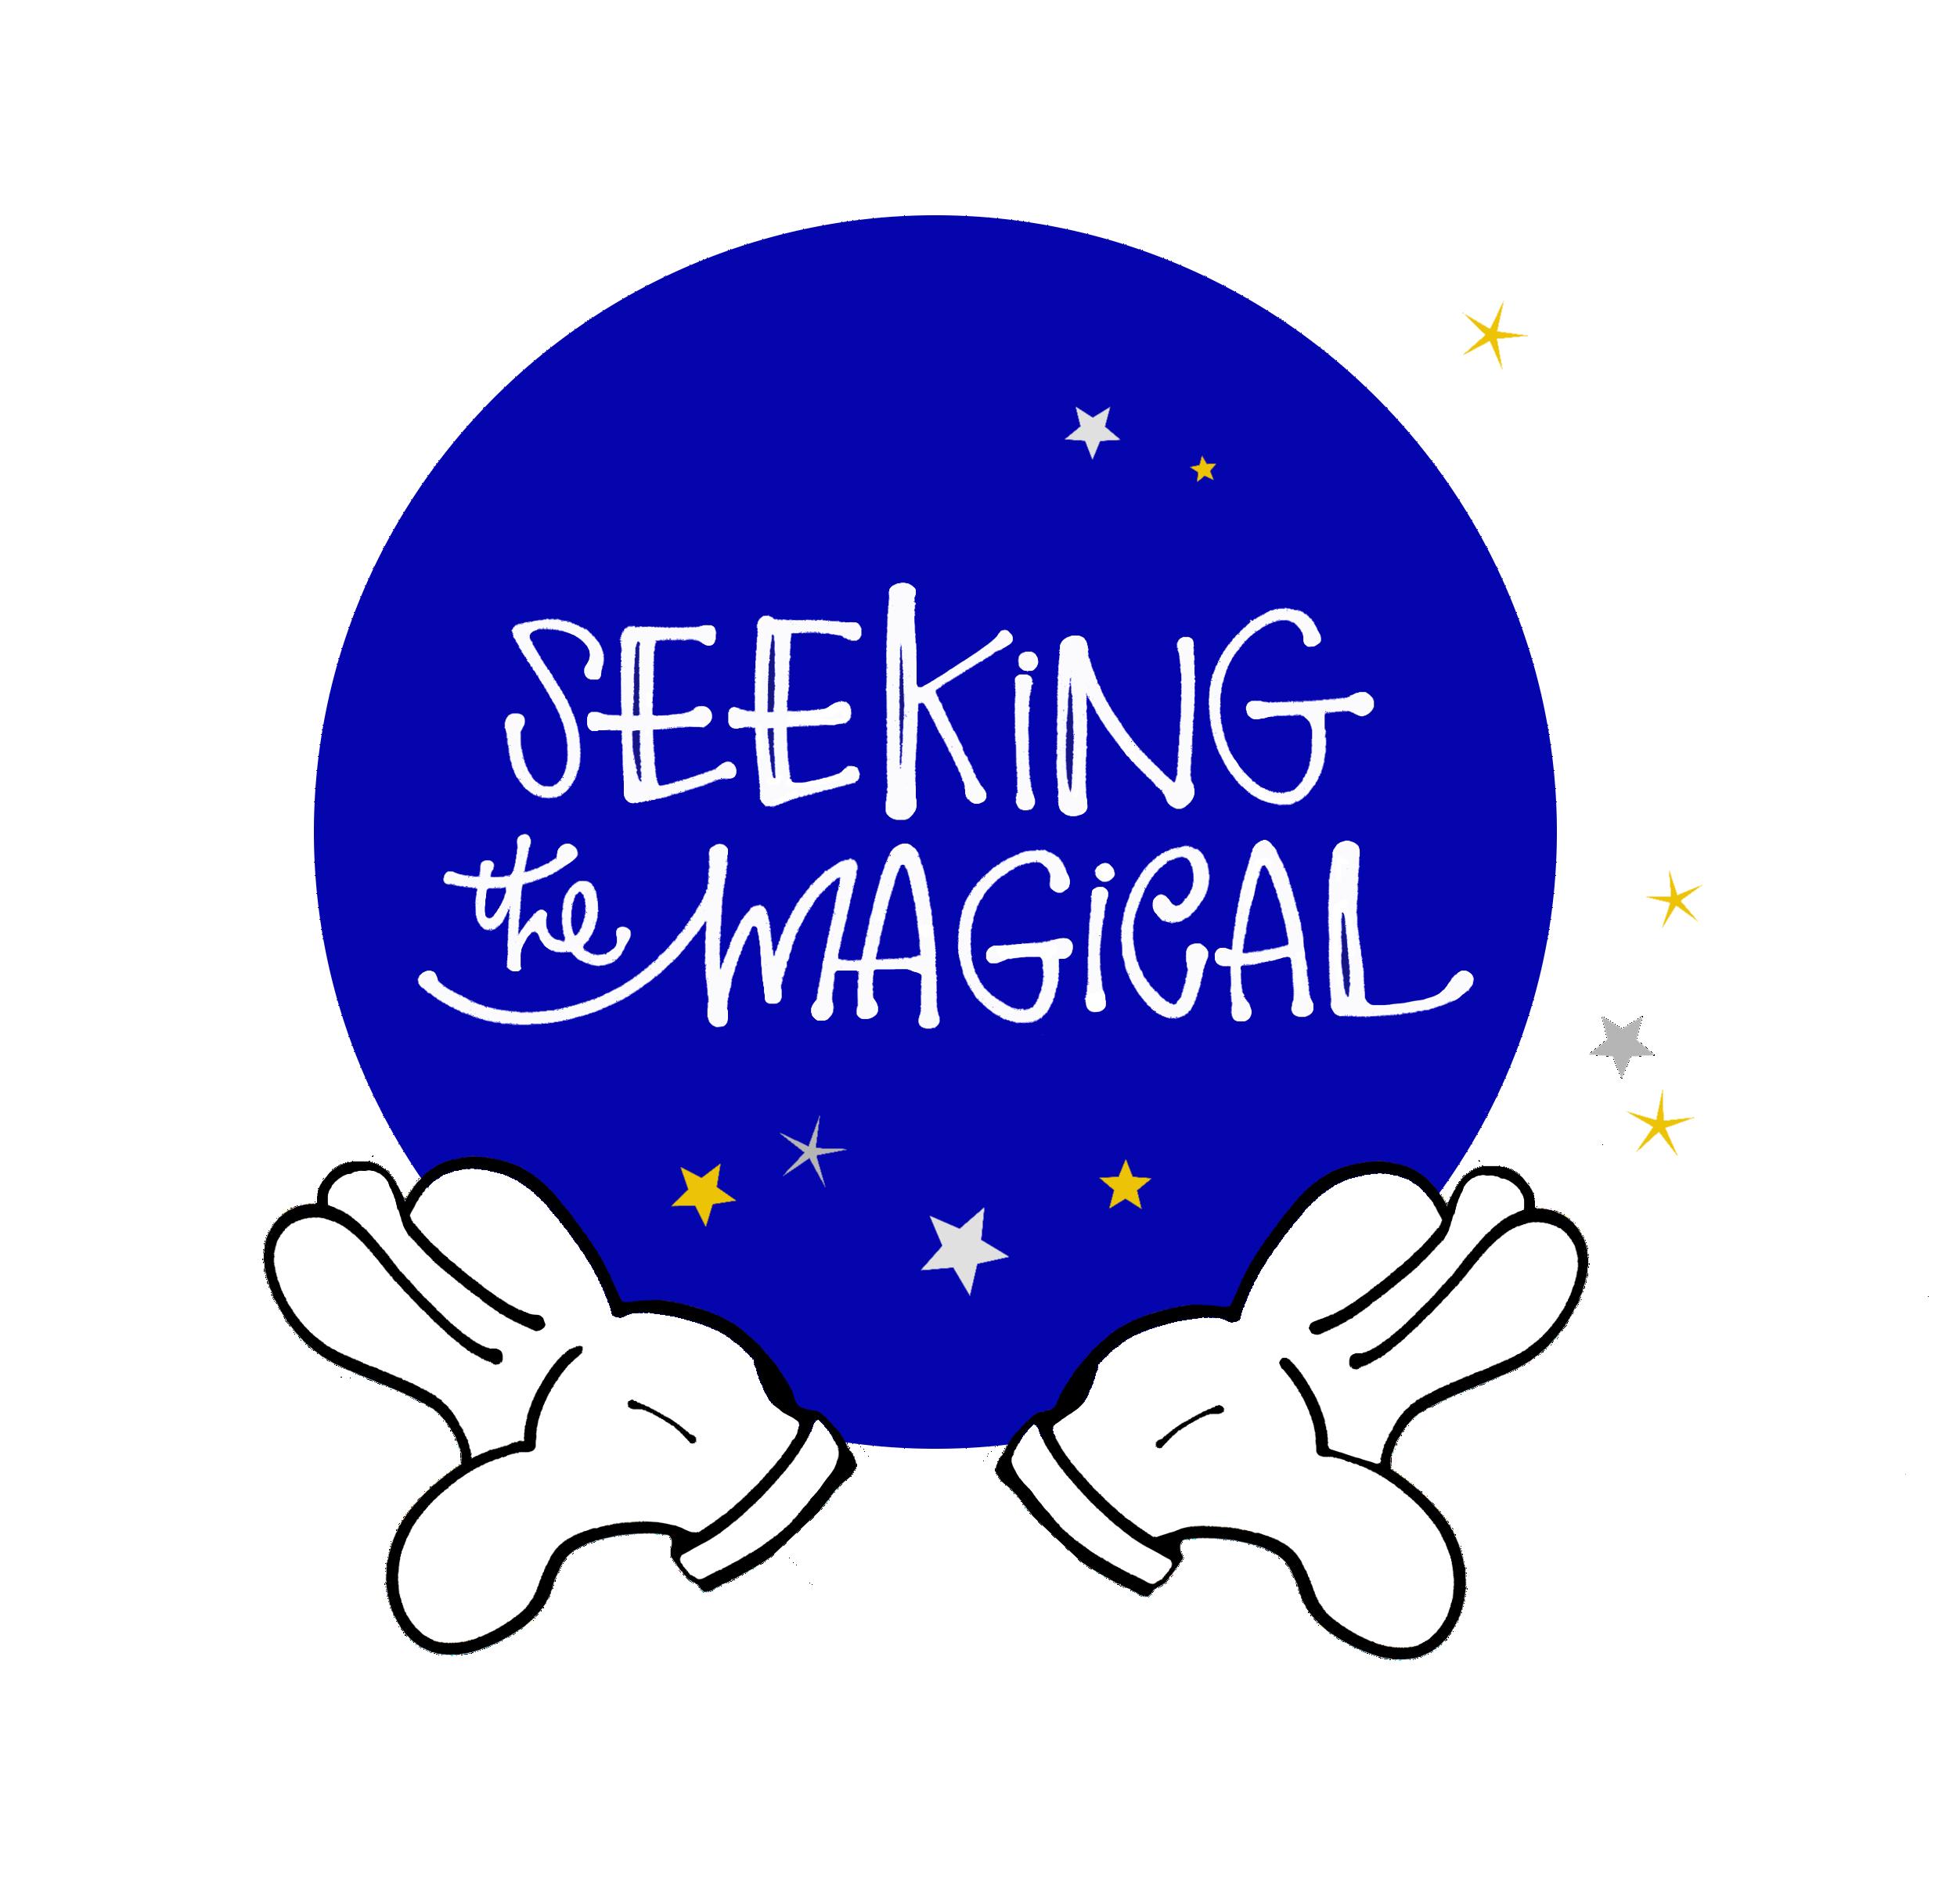 Seeking the Magical